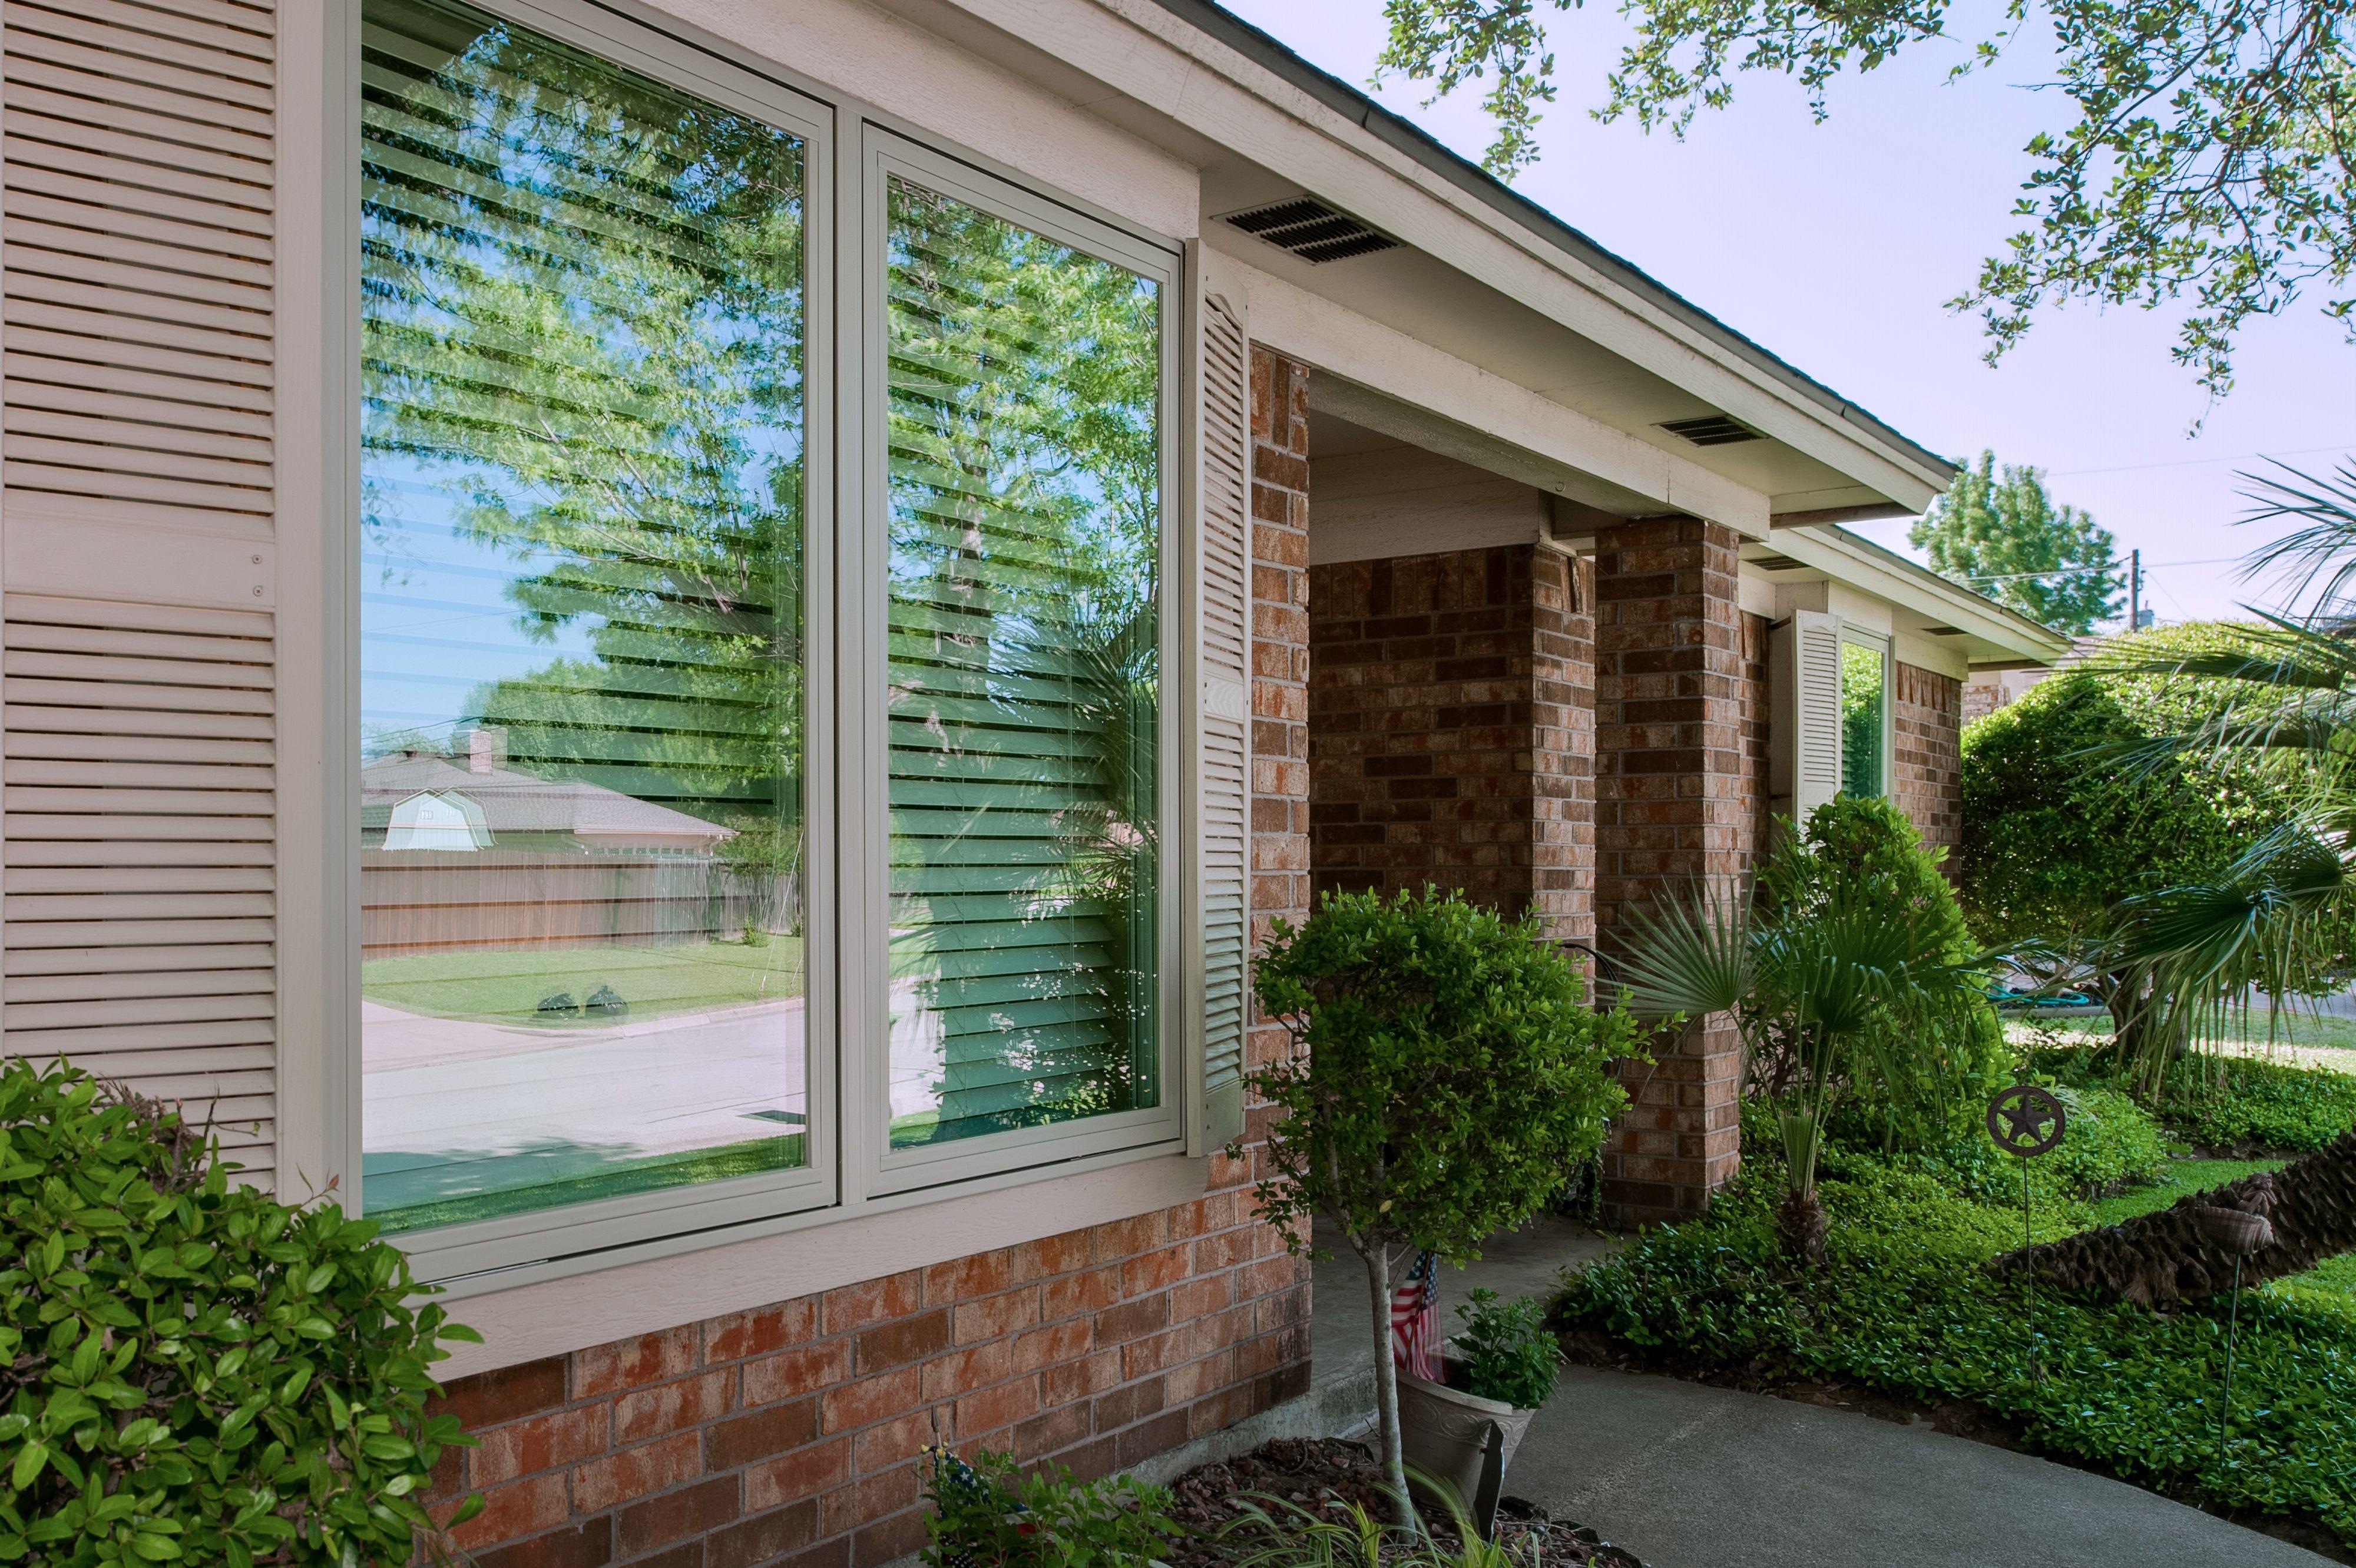 Andersen 100 Series Fibrex Windows In North Richland Hills Texas